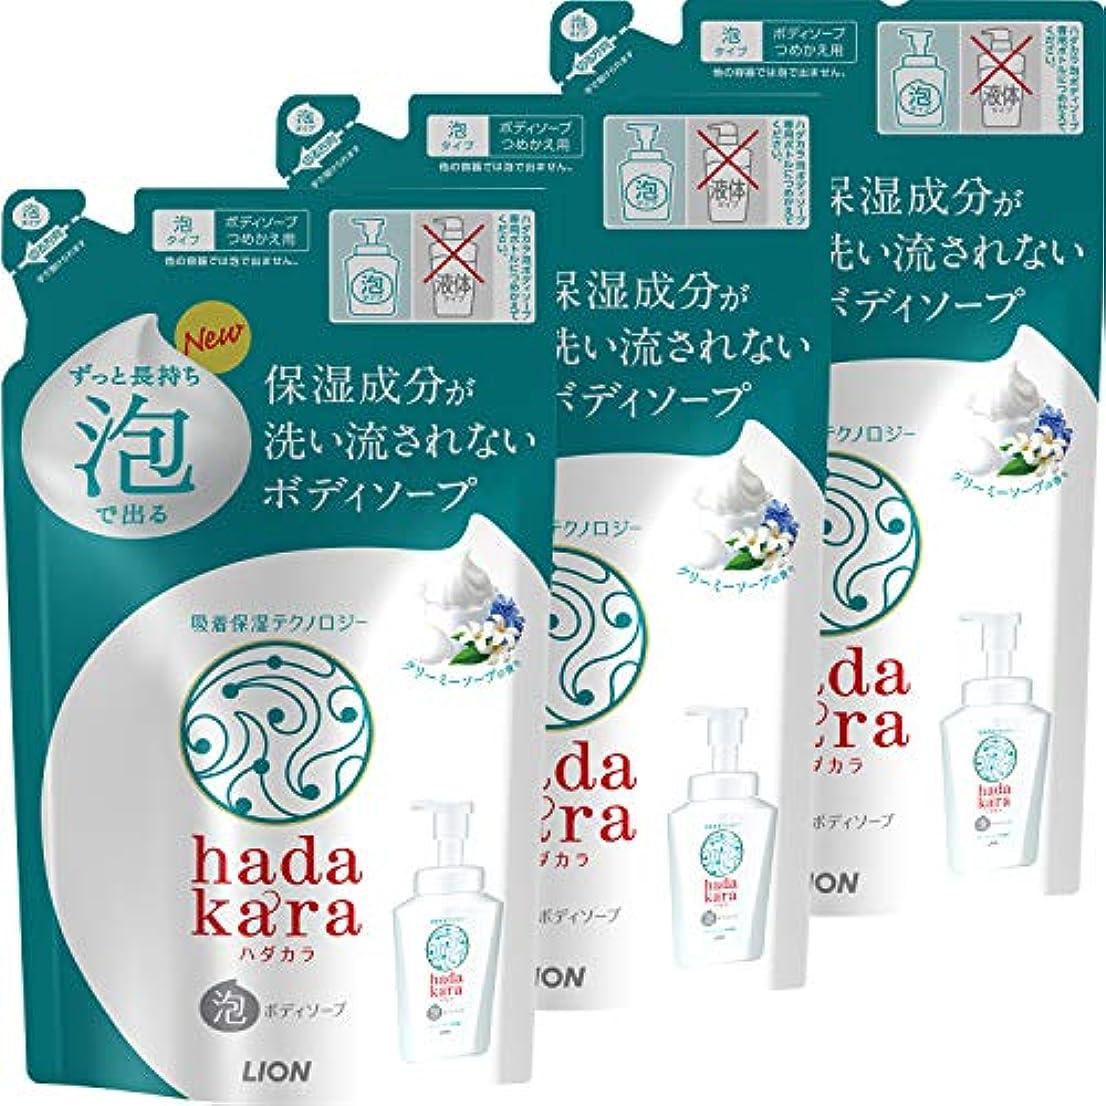 現実的と闘う聖域hadakara(ハダカラ) ボディソープ 泡タイプ クリーミーソープの香り 詰替440ml×3個